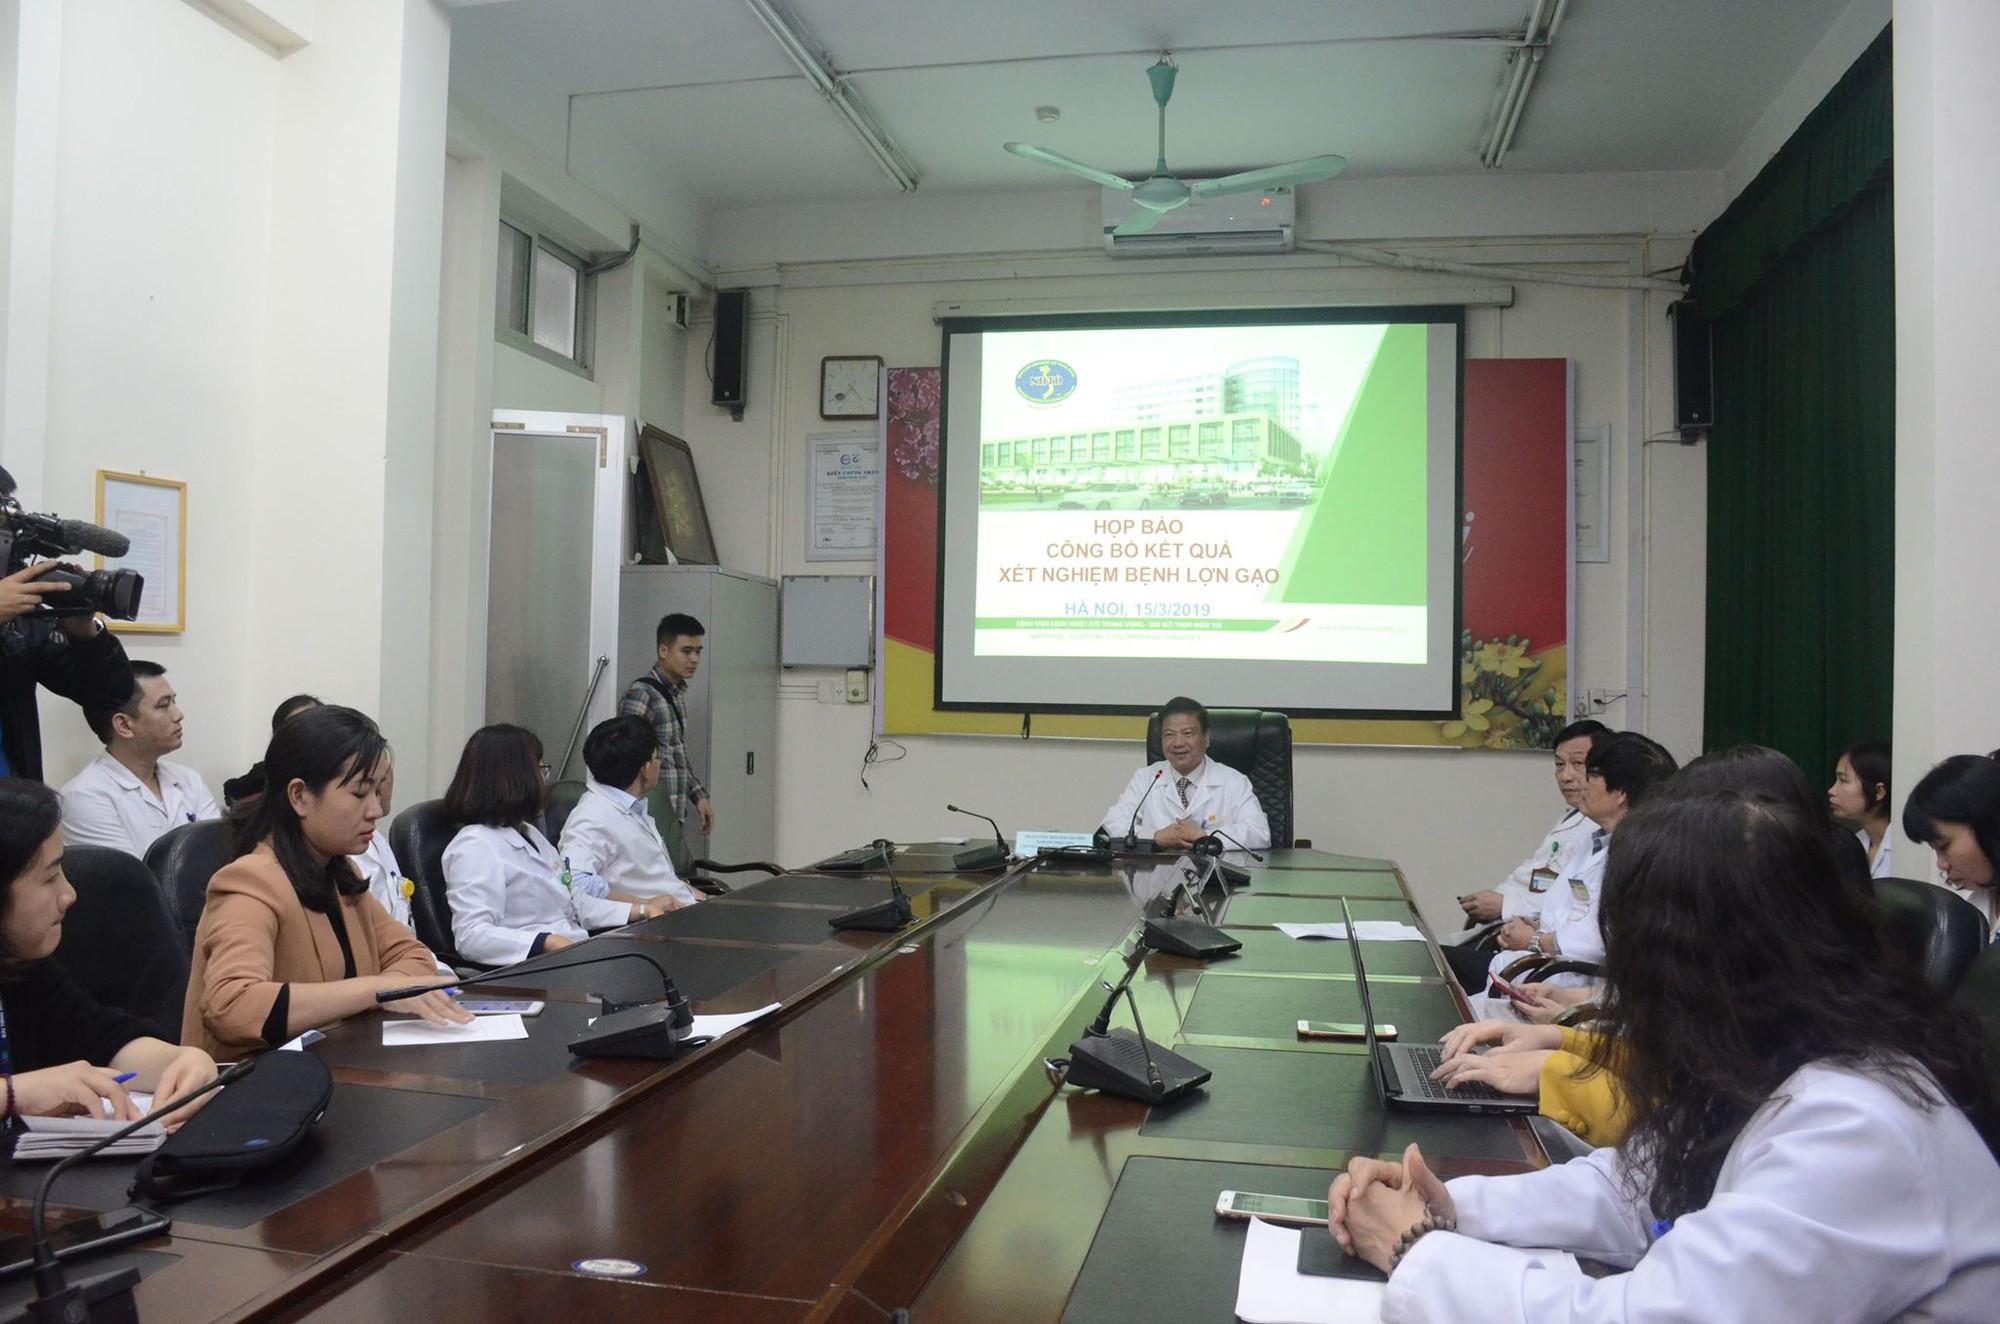 Họp báo công bố kết quả vụ gần 400 học sinh ở Bắc Ninh nghi bị nhiễm khuẩn ấu trùng sán lợn phải xuống Hà Nội khám - Ảnh 2.